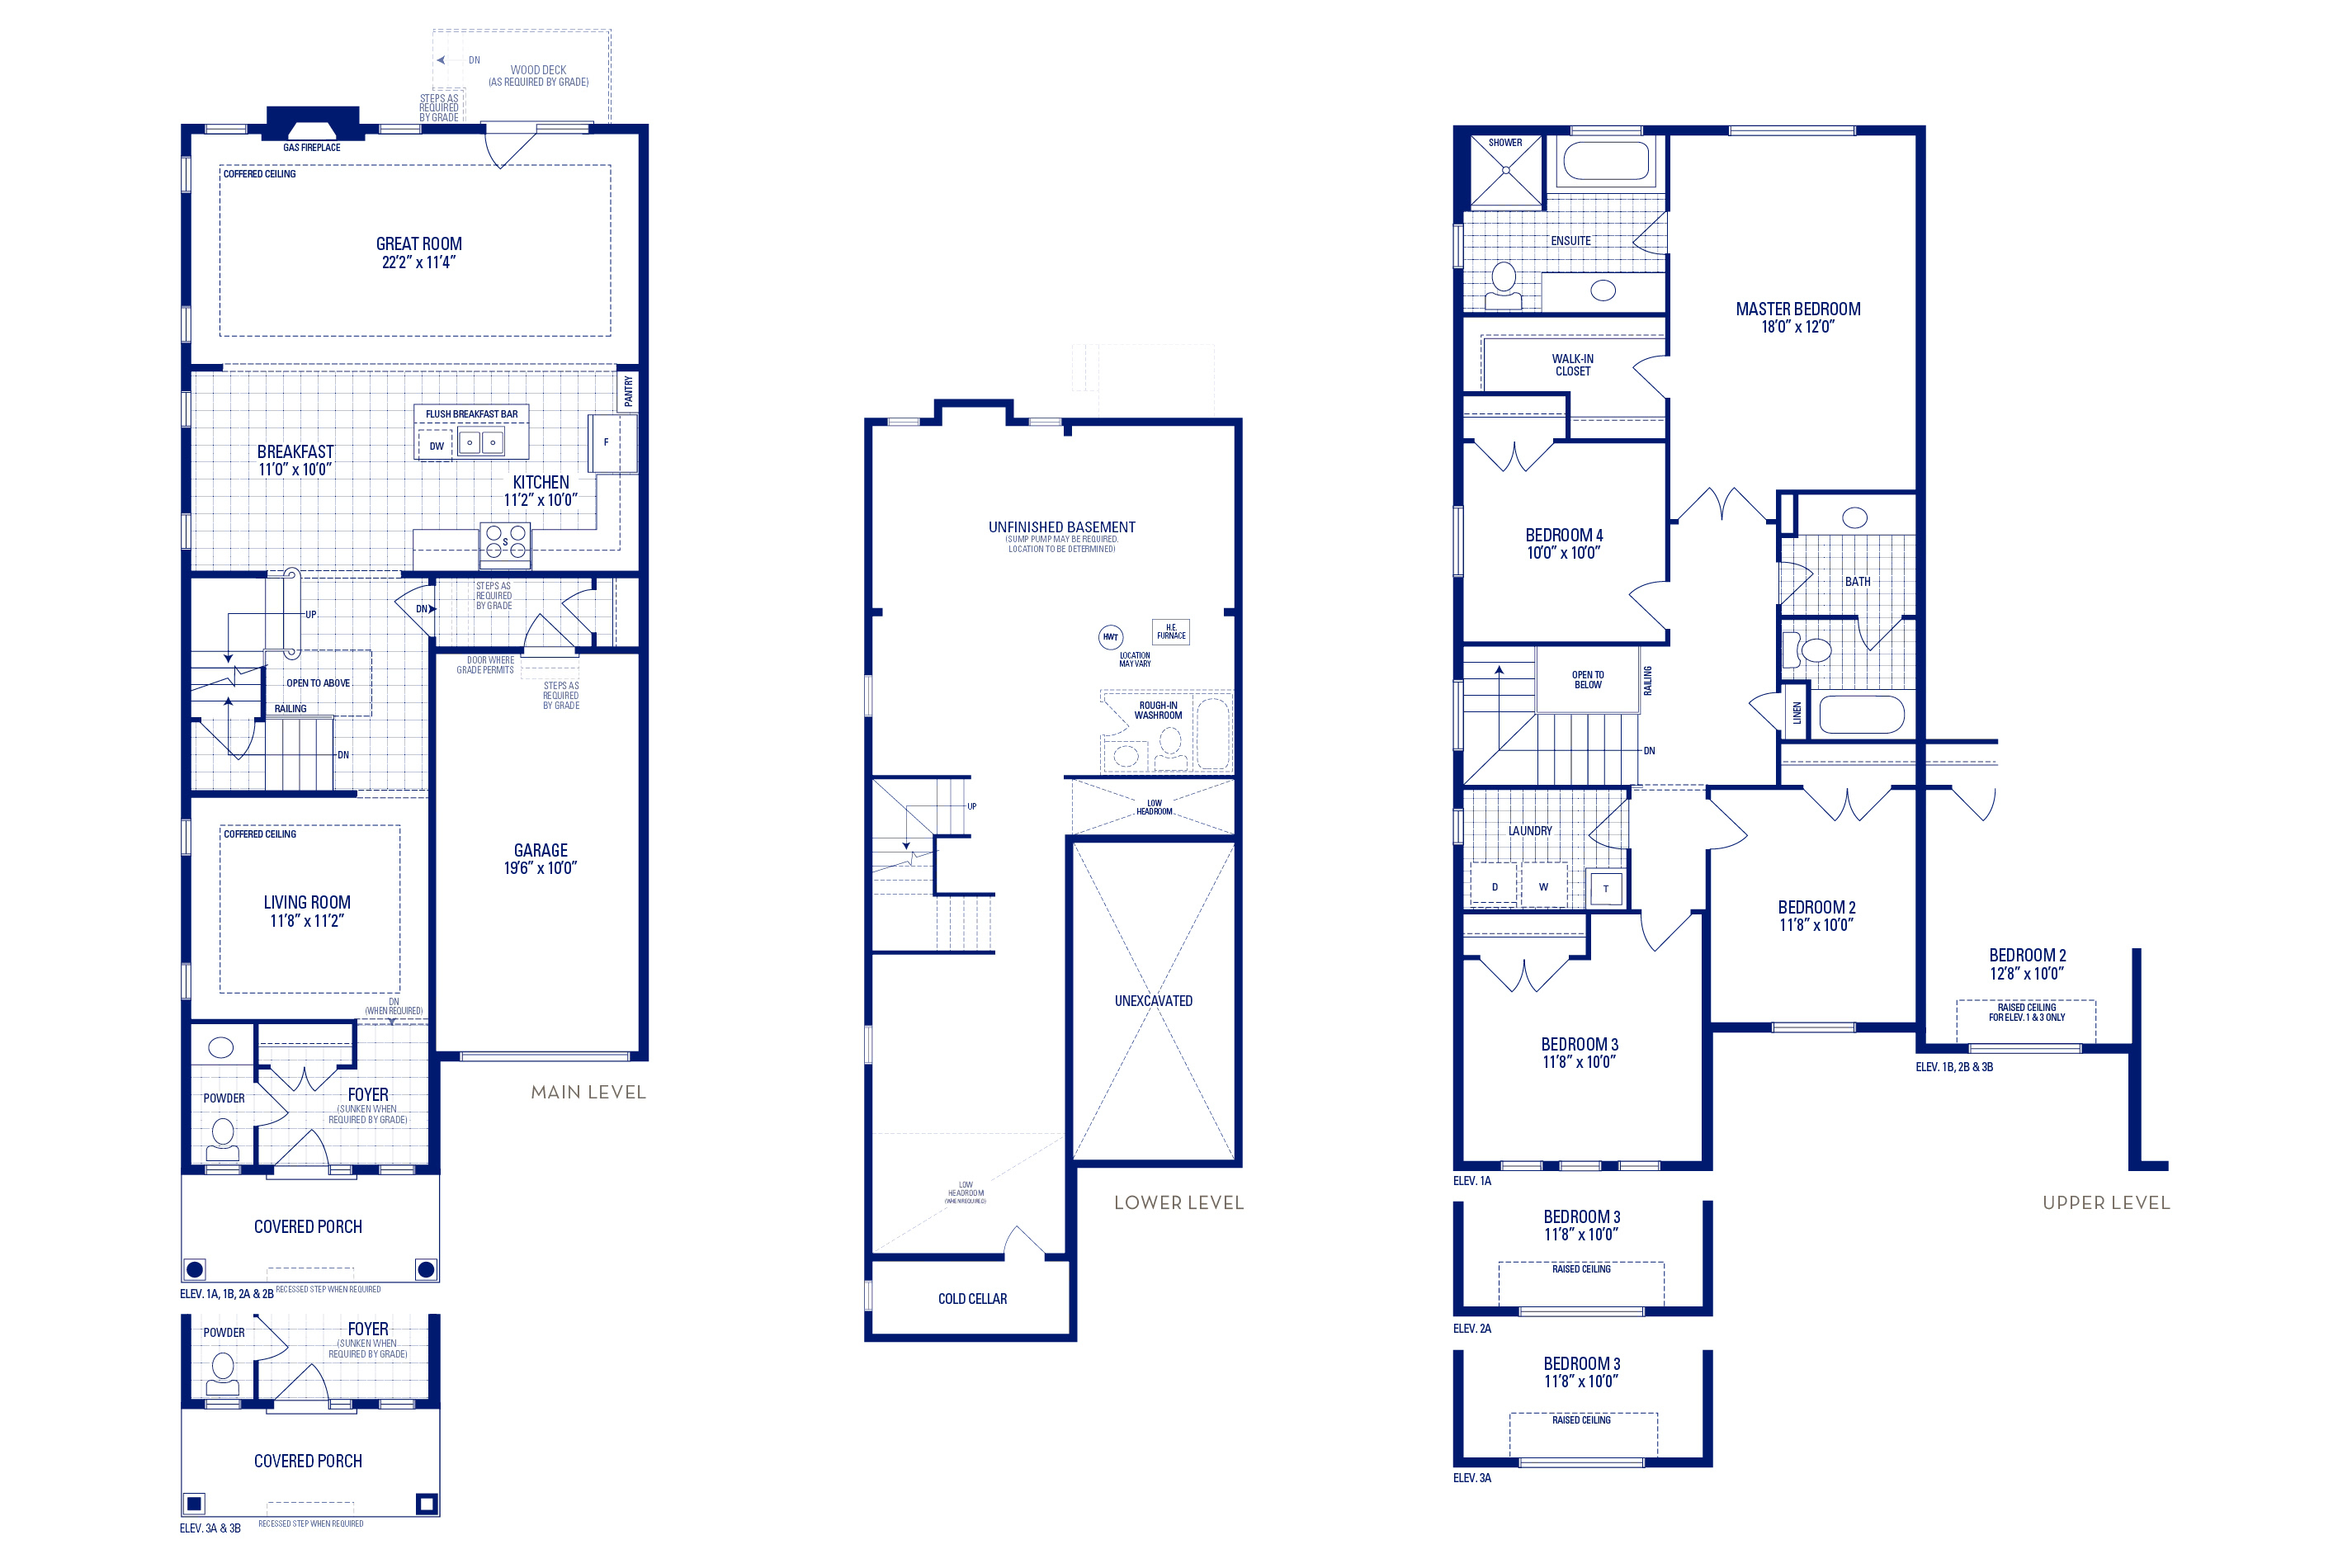 Heritage 04 Elev. 1B Floorplan